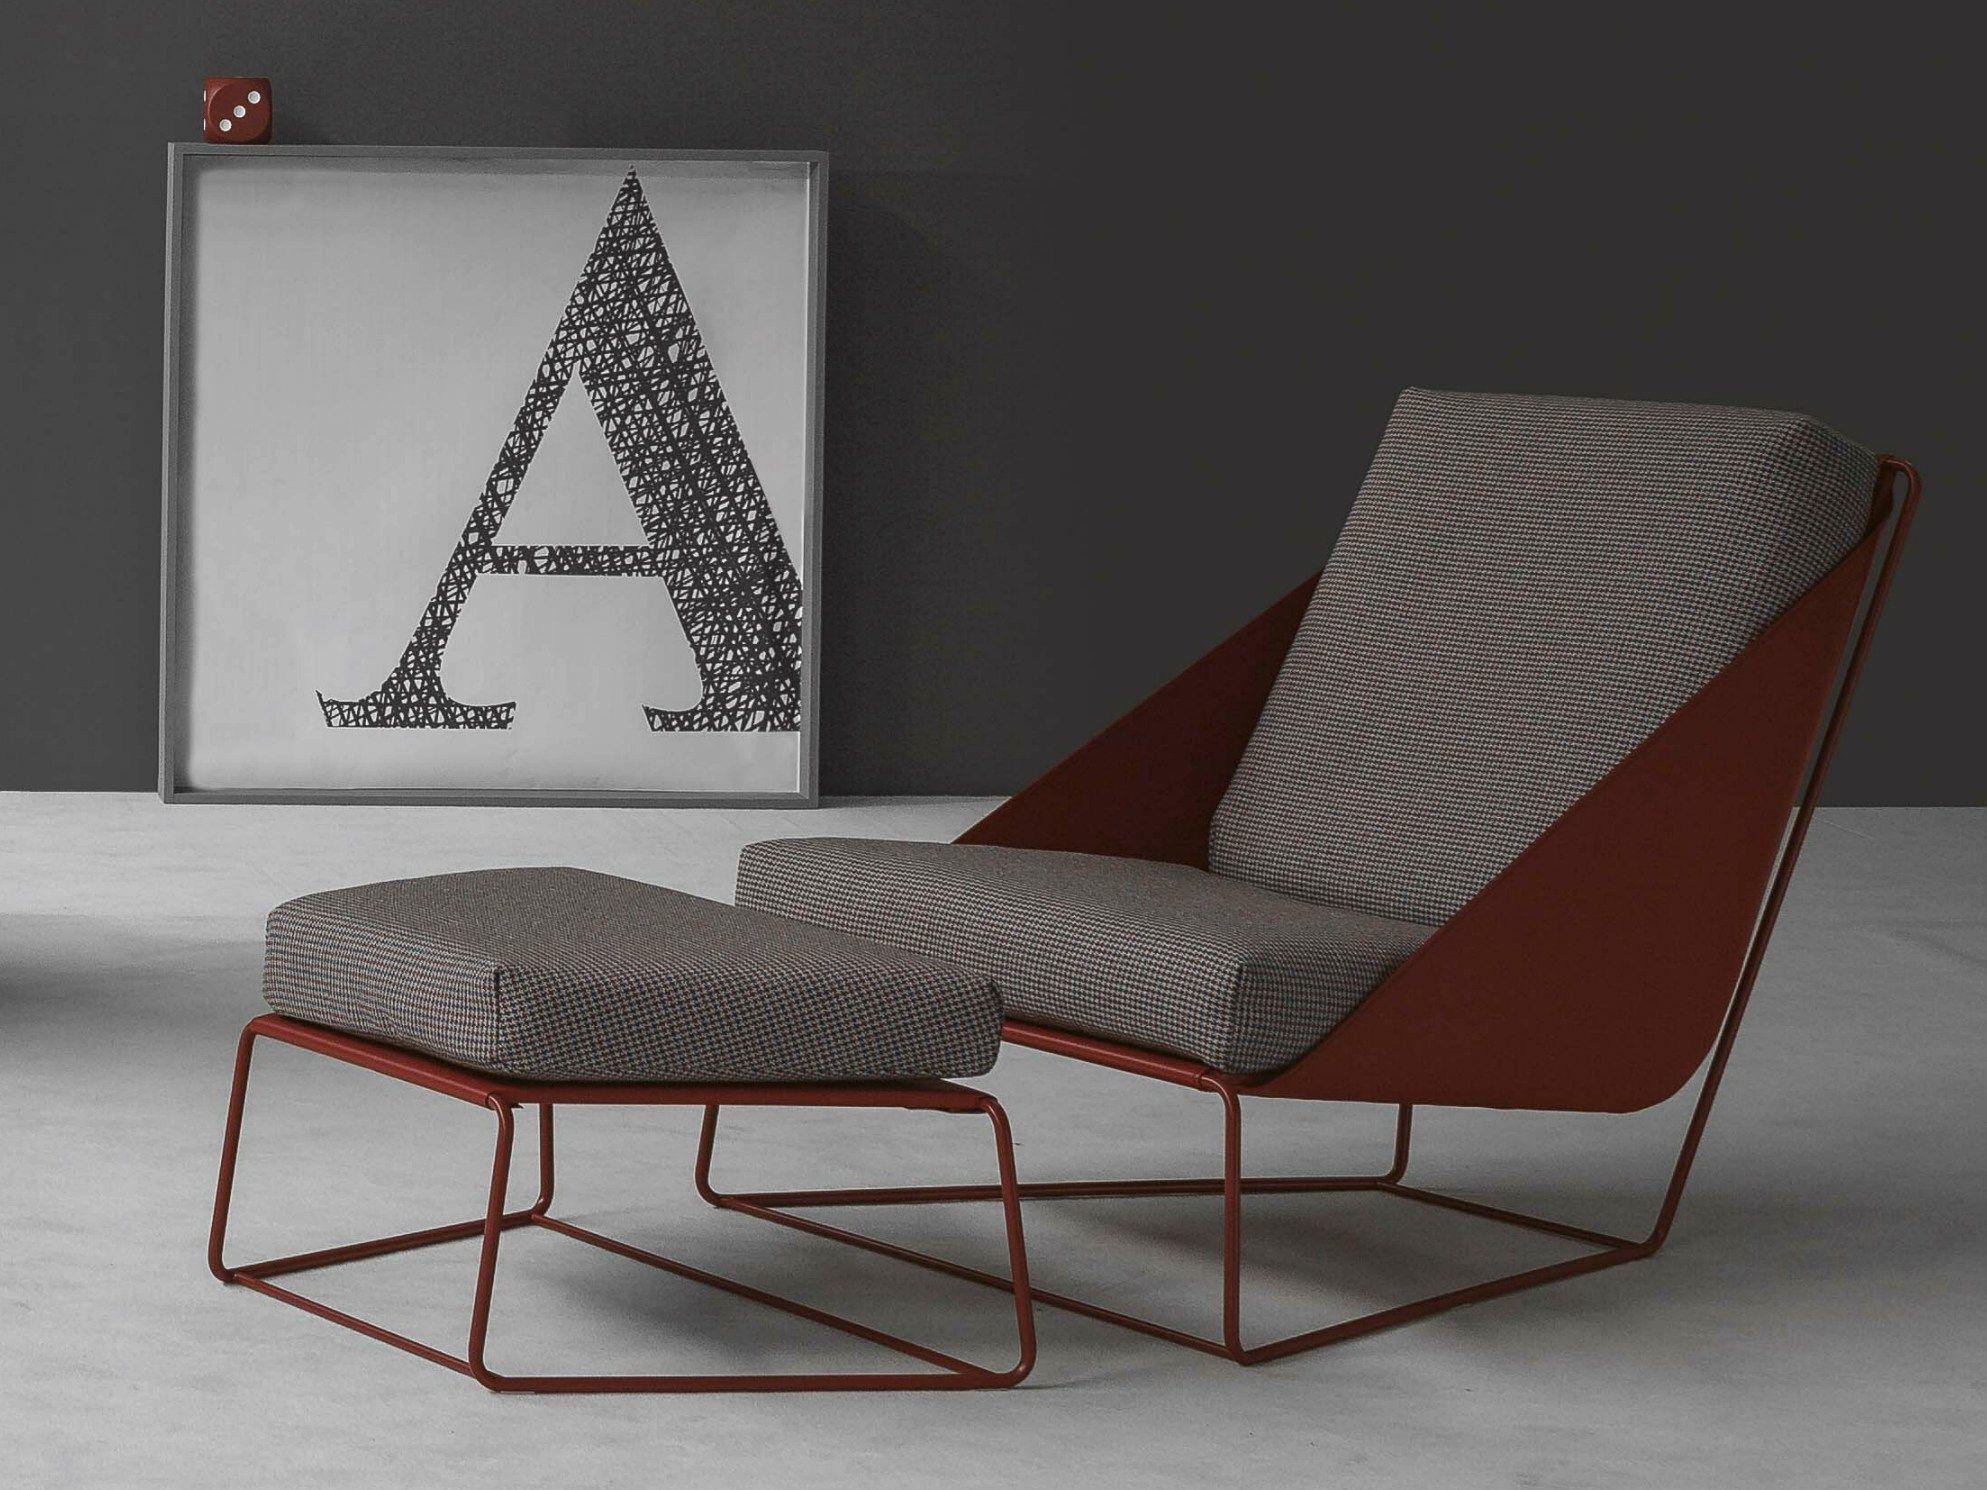 Fauteuil De Repos Alfie By Bonaldo Design Giuseppe Vigano Fauteuil Relax Fauteuil Mobilier Italien